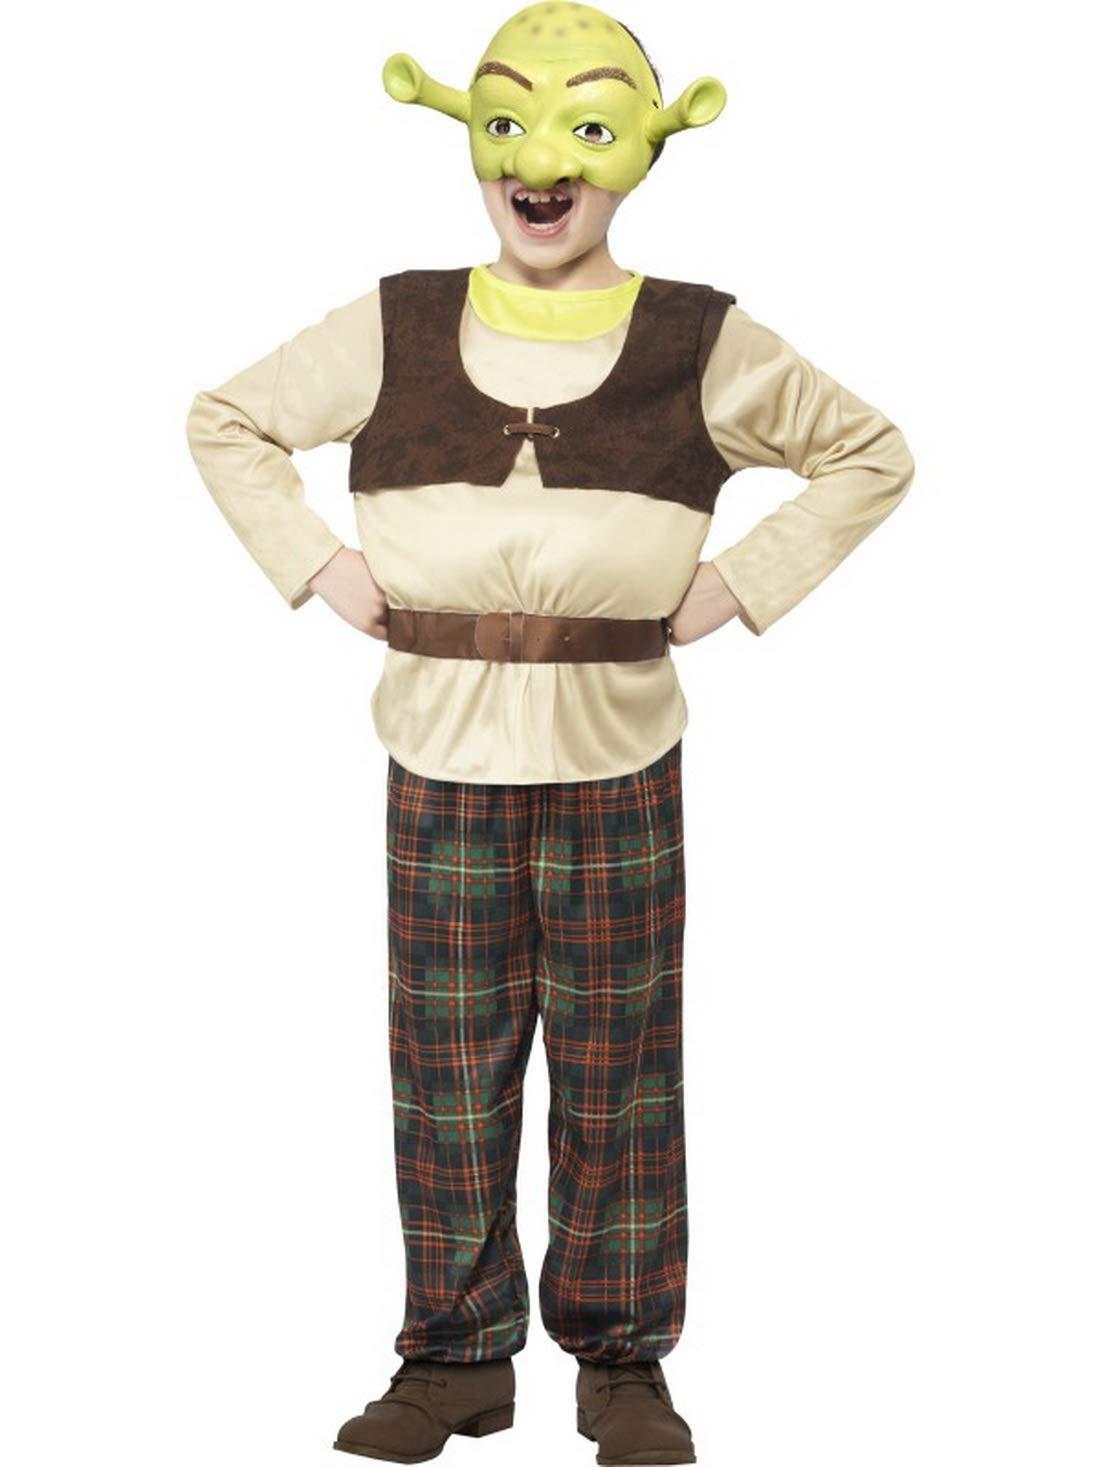 Fancy Ole 104-152 - Costume di Carnevale, da Bambino, con Parte Superiore Imbottita, Pantaloni e Maschera, colore  verde